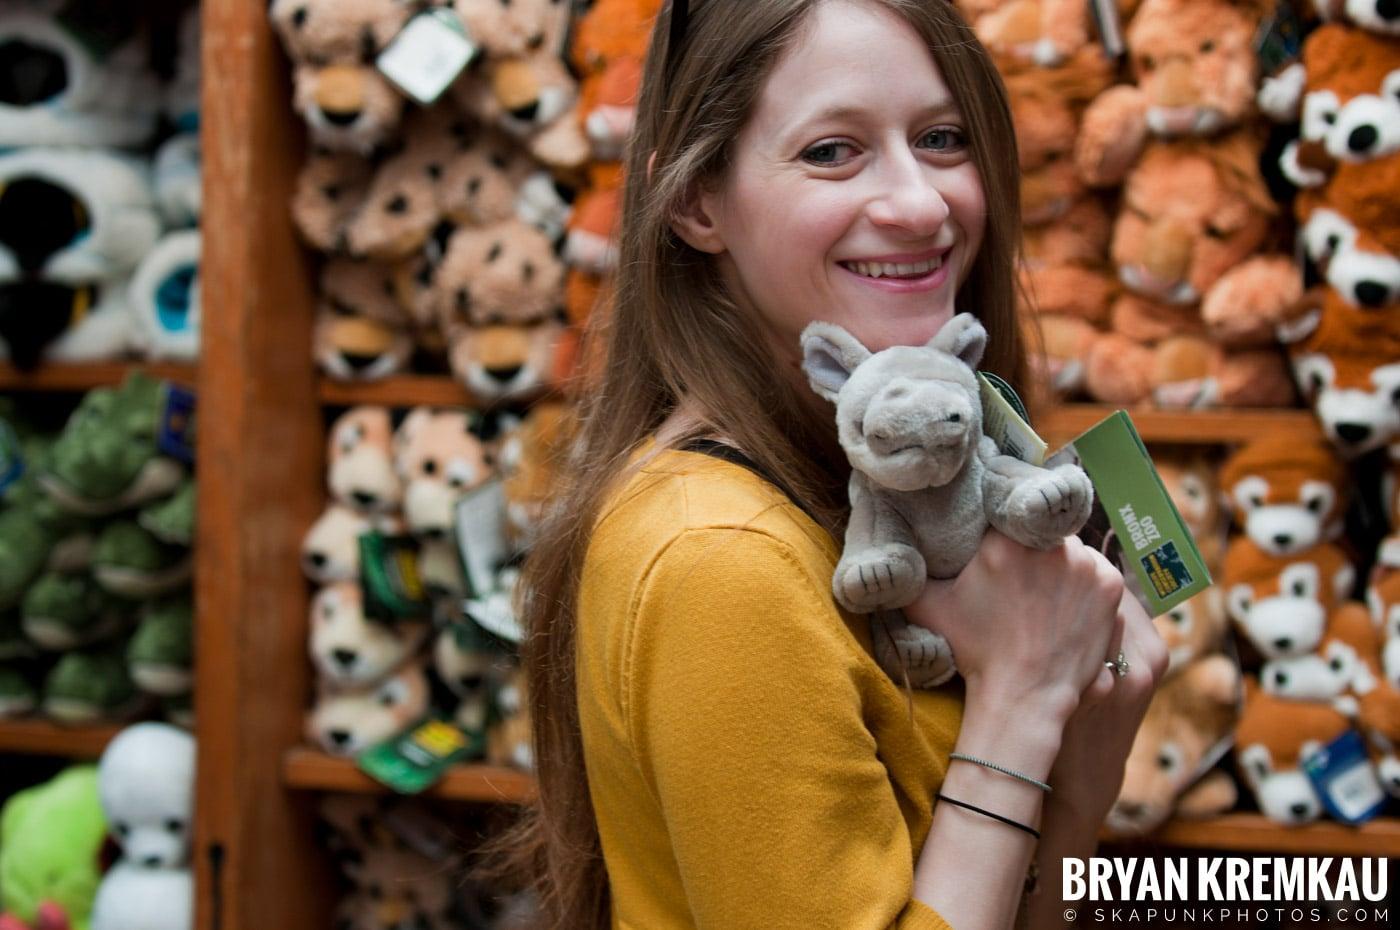 The Bronx Zoo @ Bronx, NYC - 5.7.11 (43)